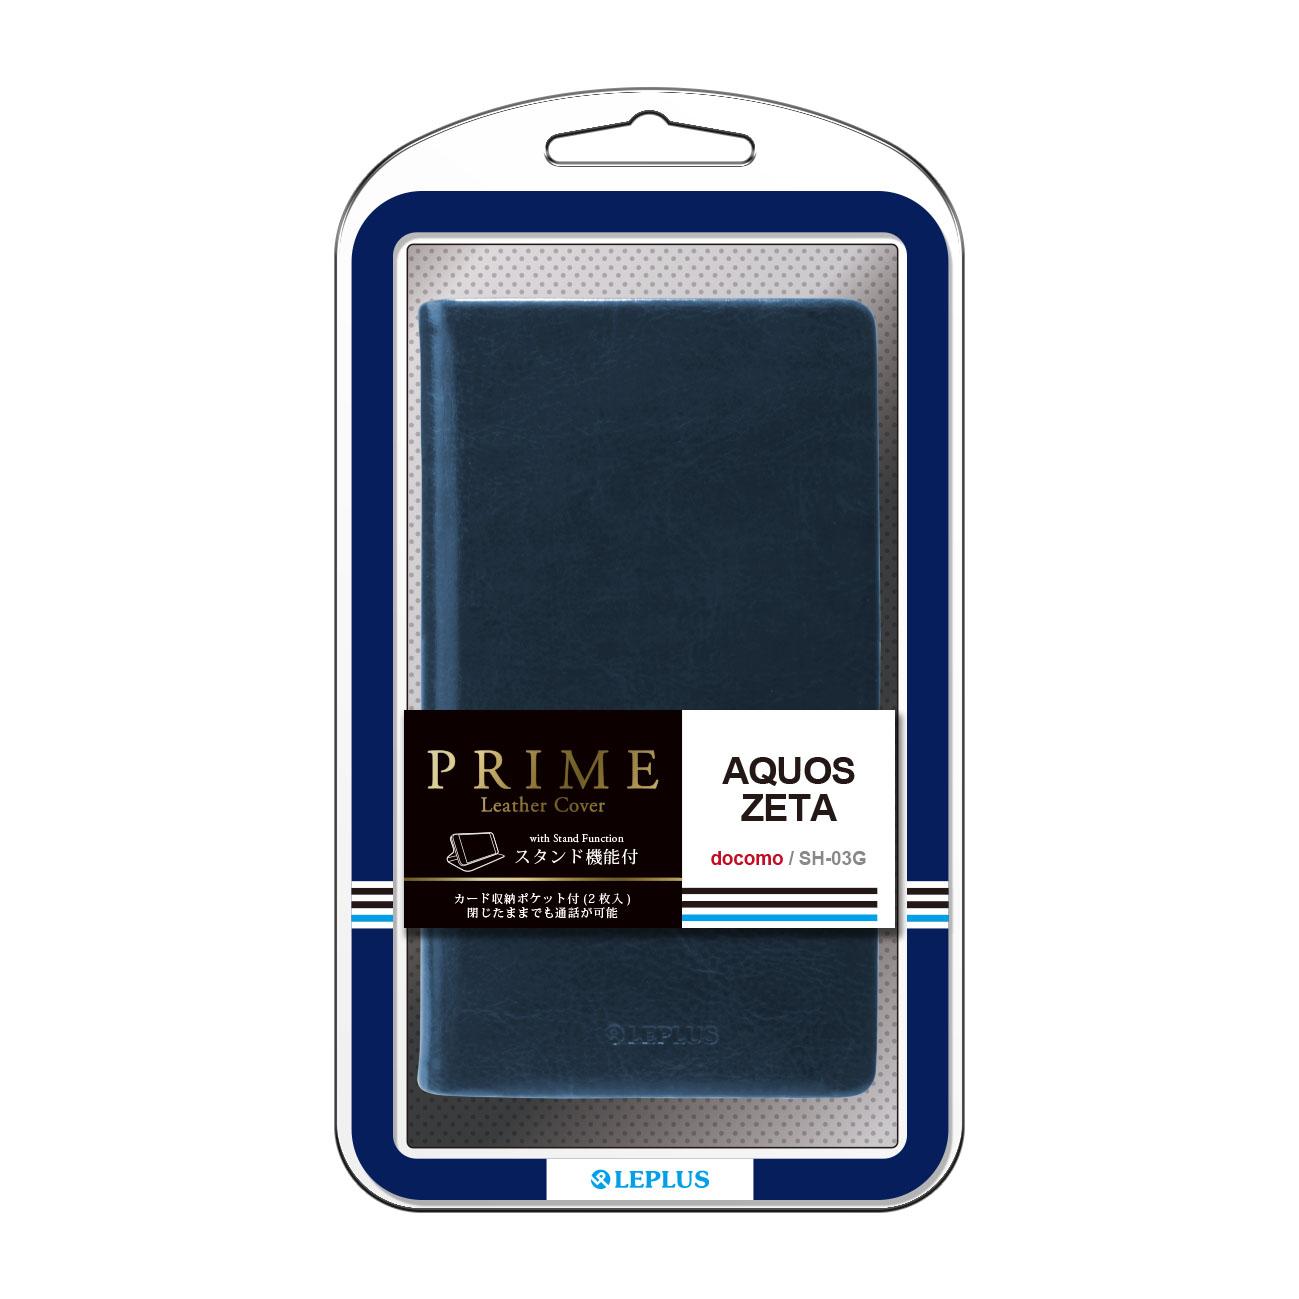 AQUOS ZETA SH-03G ブックタイプPUレザーケース「PRIME」 ネイビー